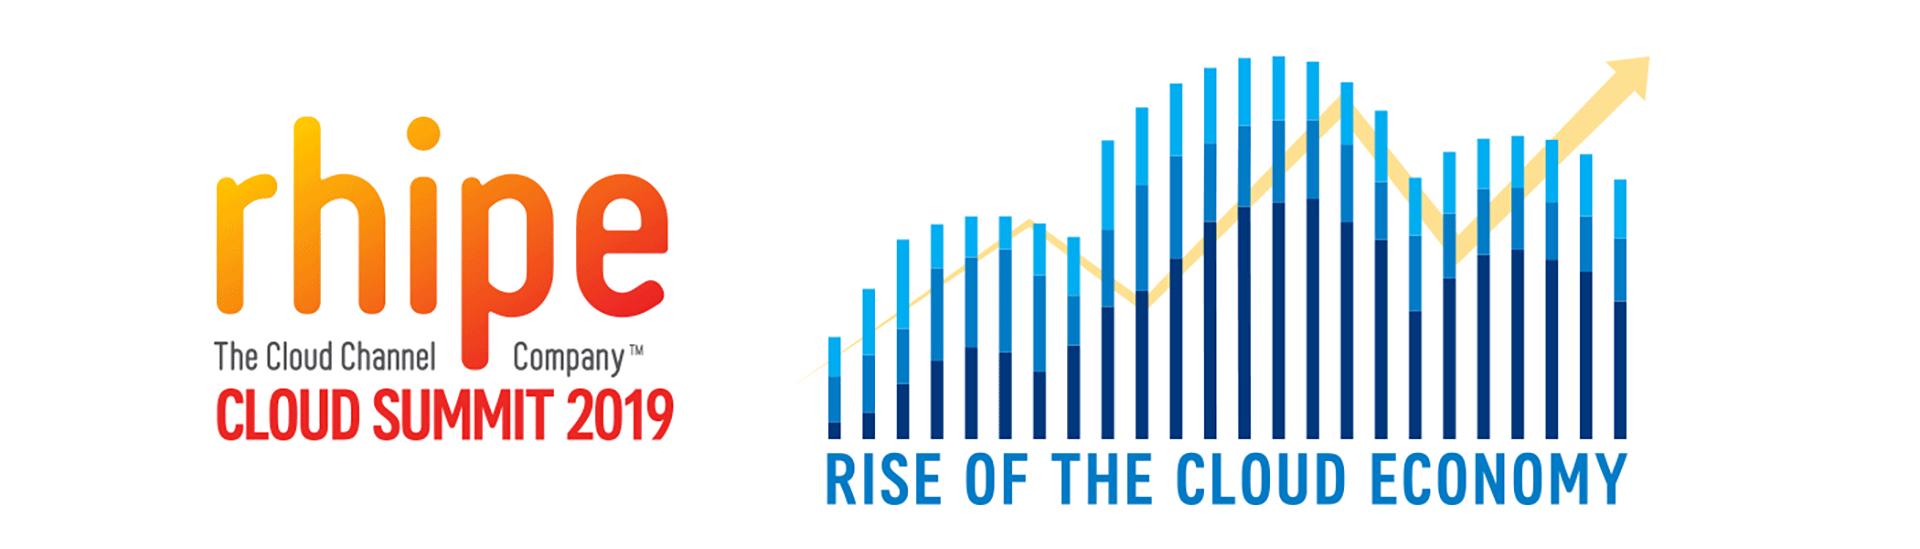 rhipe cloud summit 2019